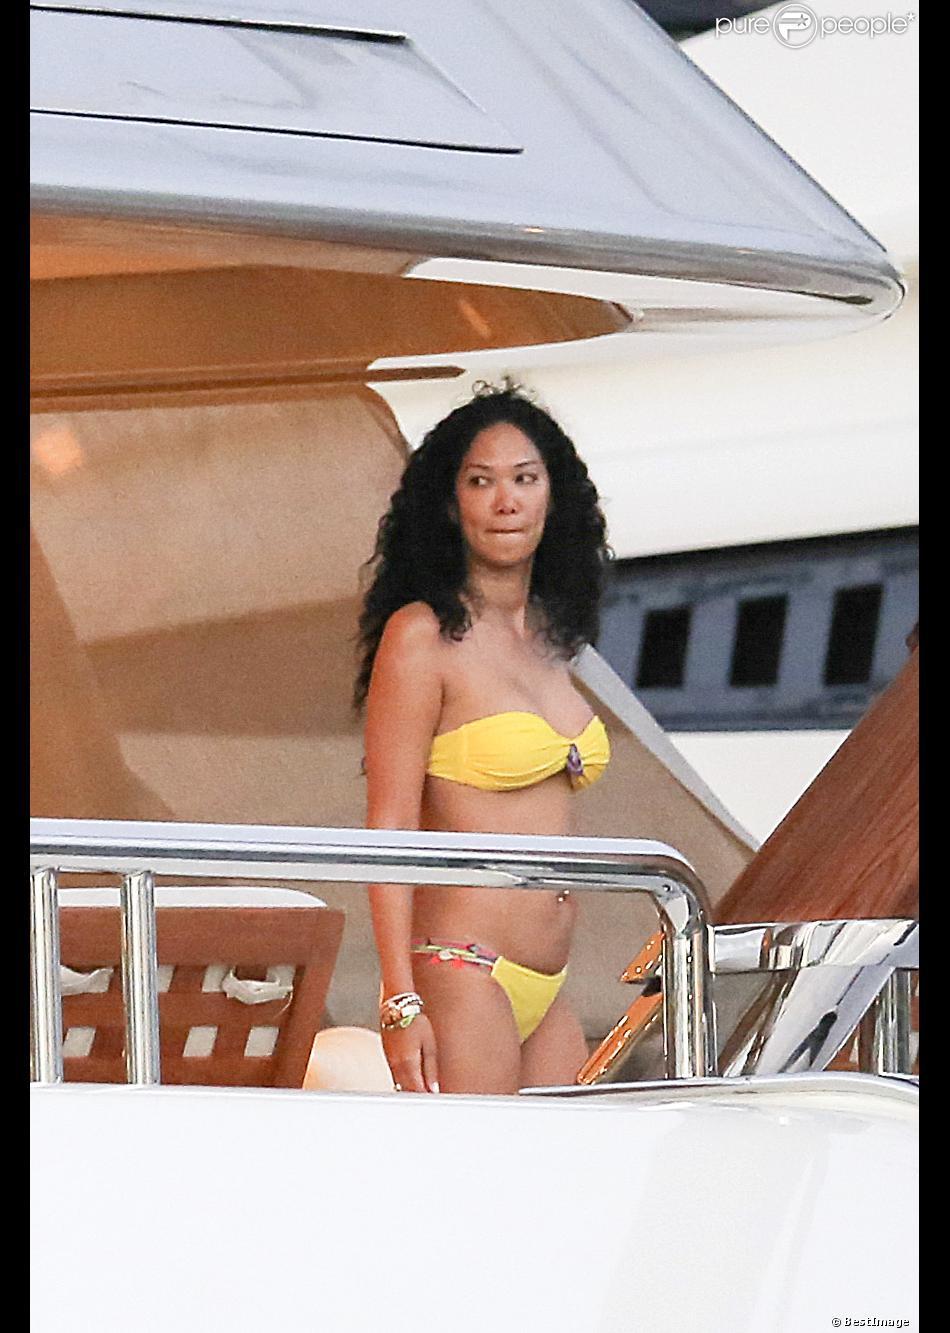 Exclusif - Kimora Lee Simmons, en bikini sur un yacht, profite de vacances à Saint-Barthélemy. Le 22 décembre 2013.